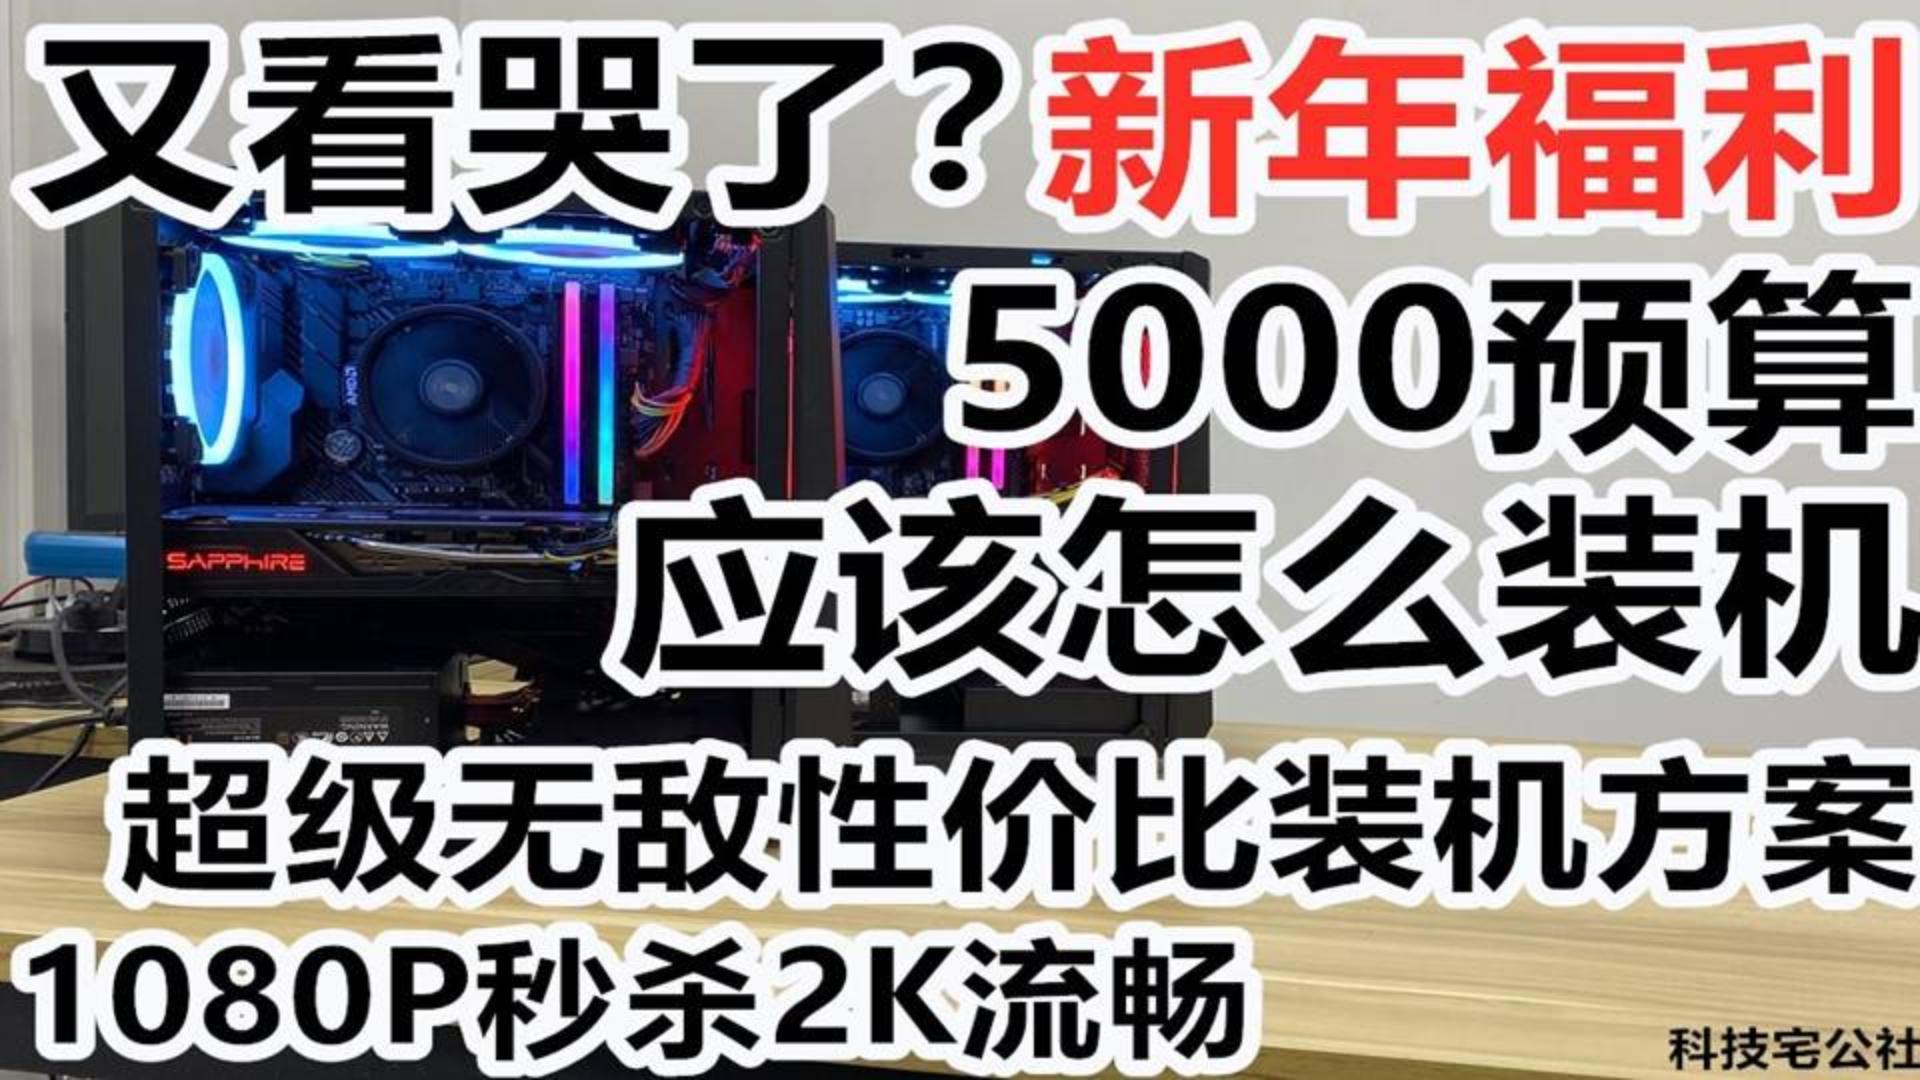 又看哭了?5000预算应该怎么装机 超级无敌性价比装机方案(1080P秒杀2K流畅)【科技宅公社】